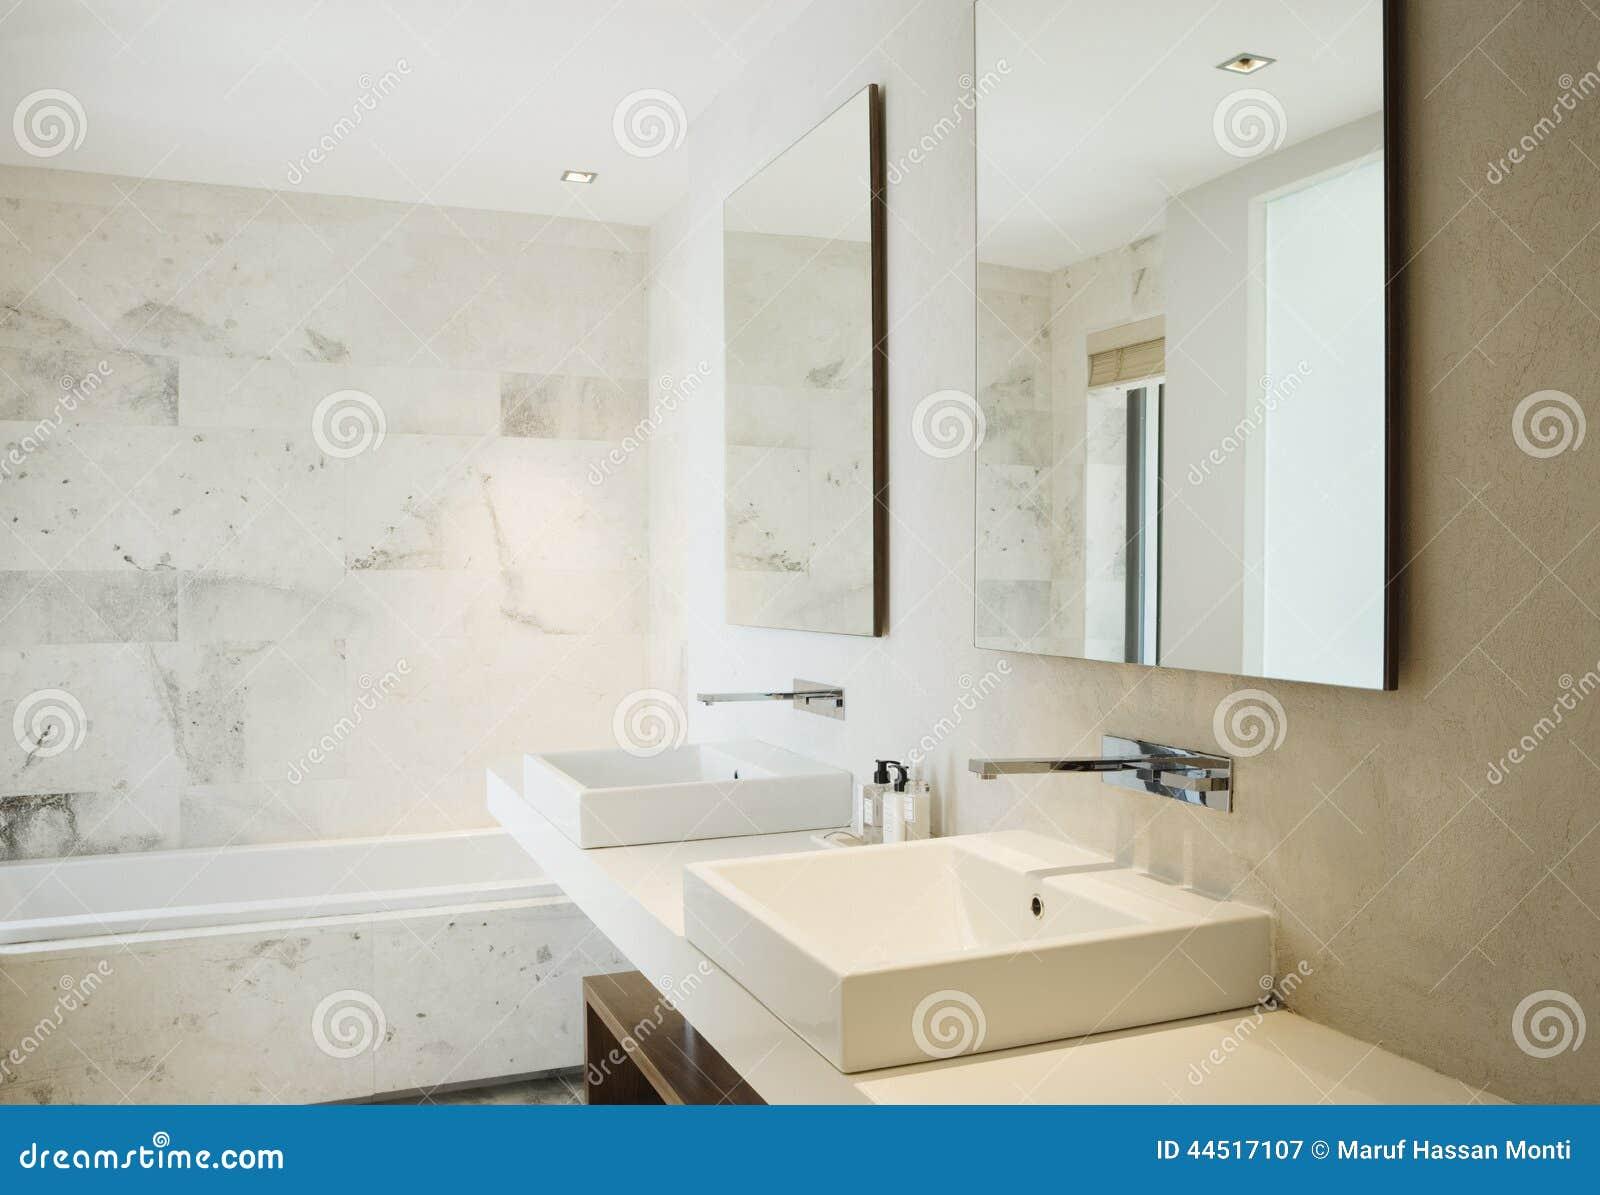 Banheiro Limpo Moderno Foto de Stock  Imagem 44517107 -> Banheiro Feminino Limpo